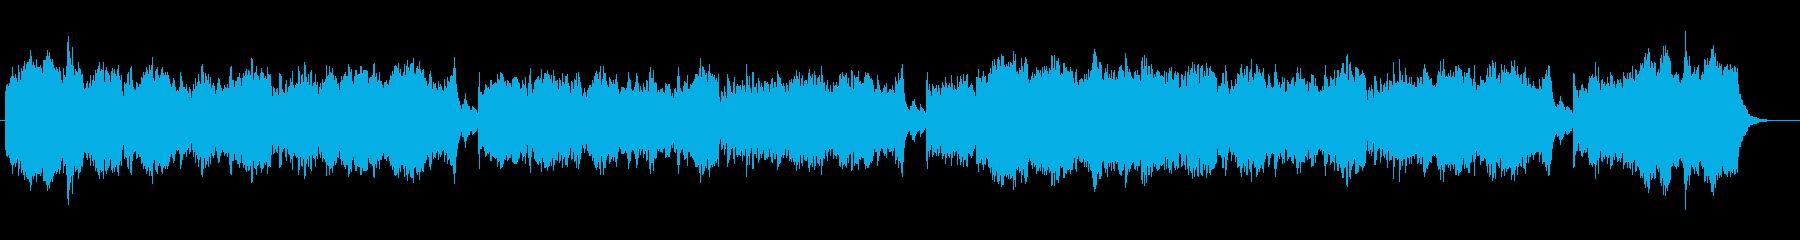 品のある切なげなシンセサイザー楽曲の再生済みの波形